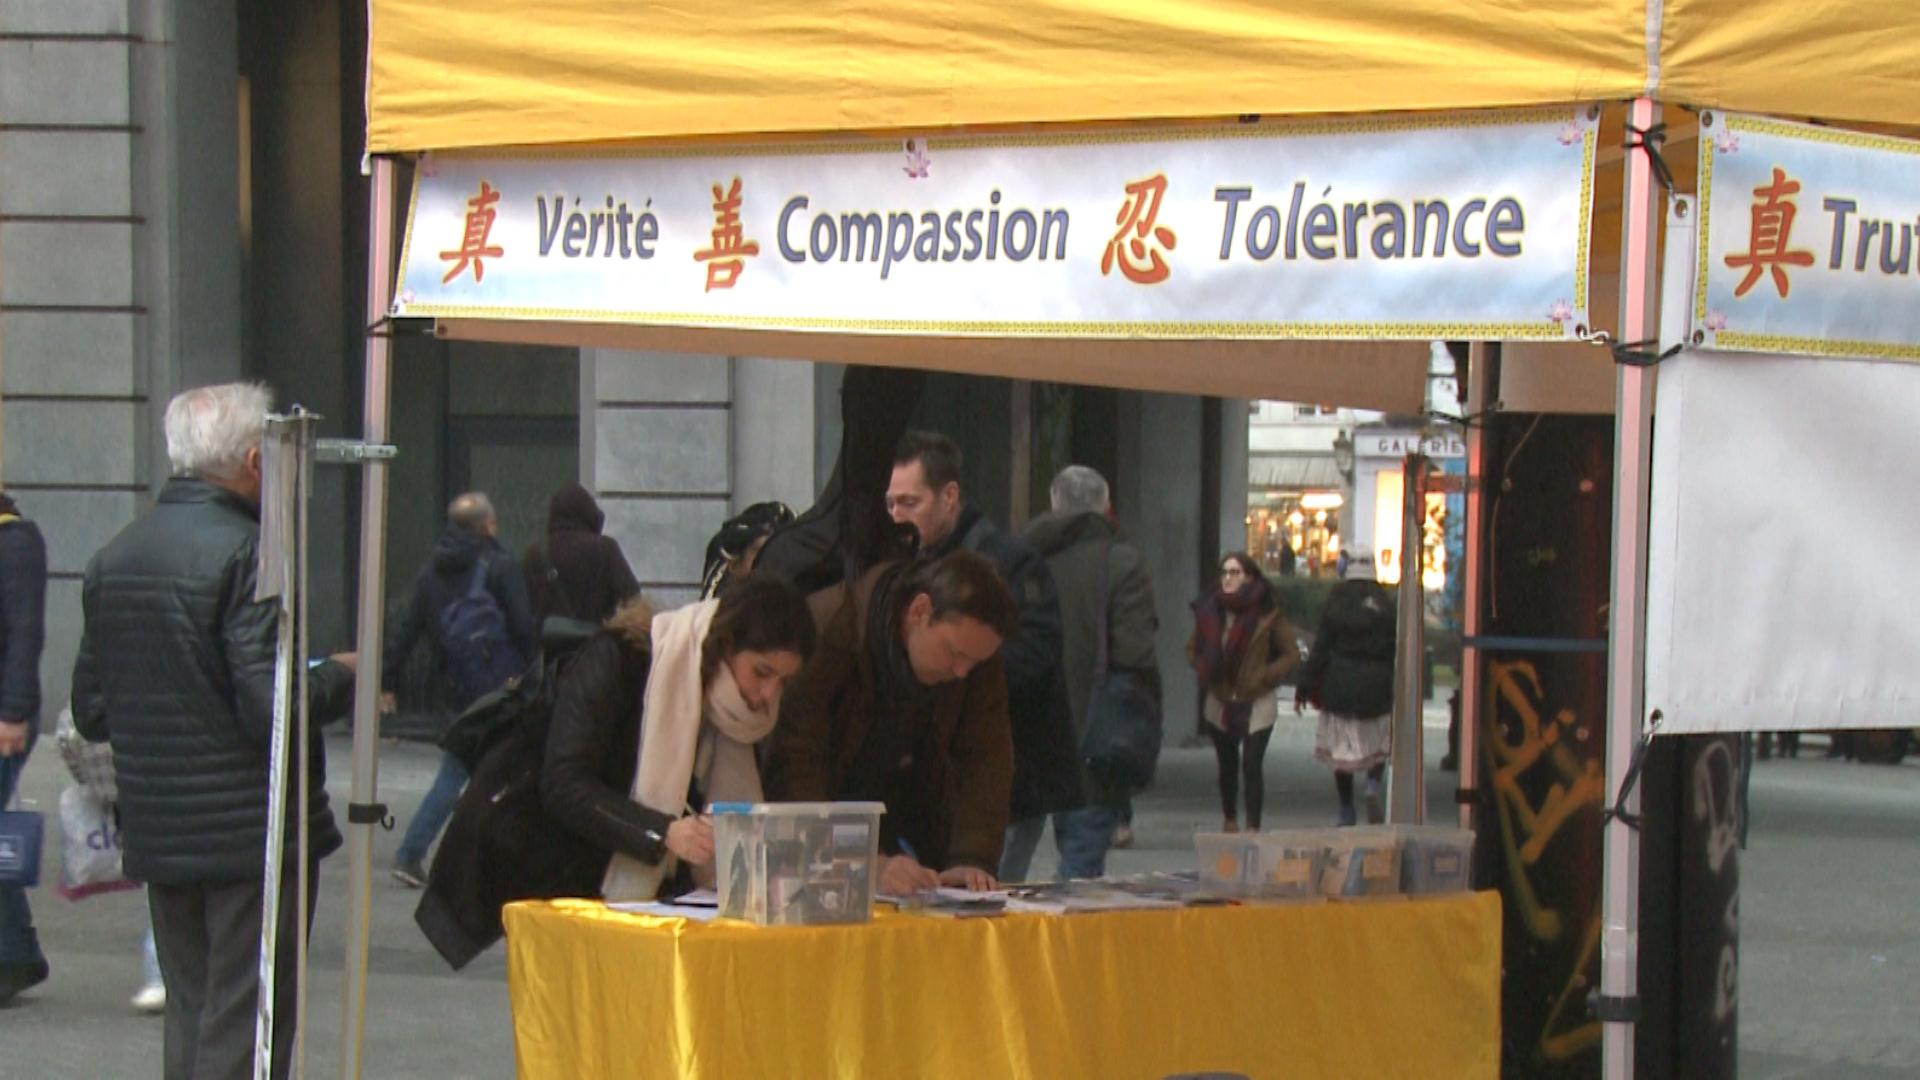 比利時民眾支持法輪功,在制止中共迫害法輪功的請願信上簽字 。(新唐人)